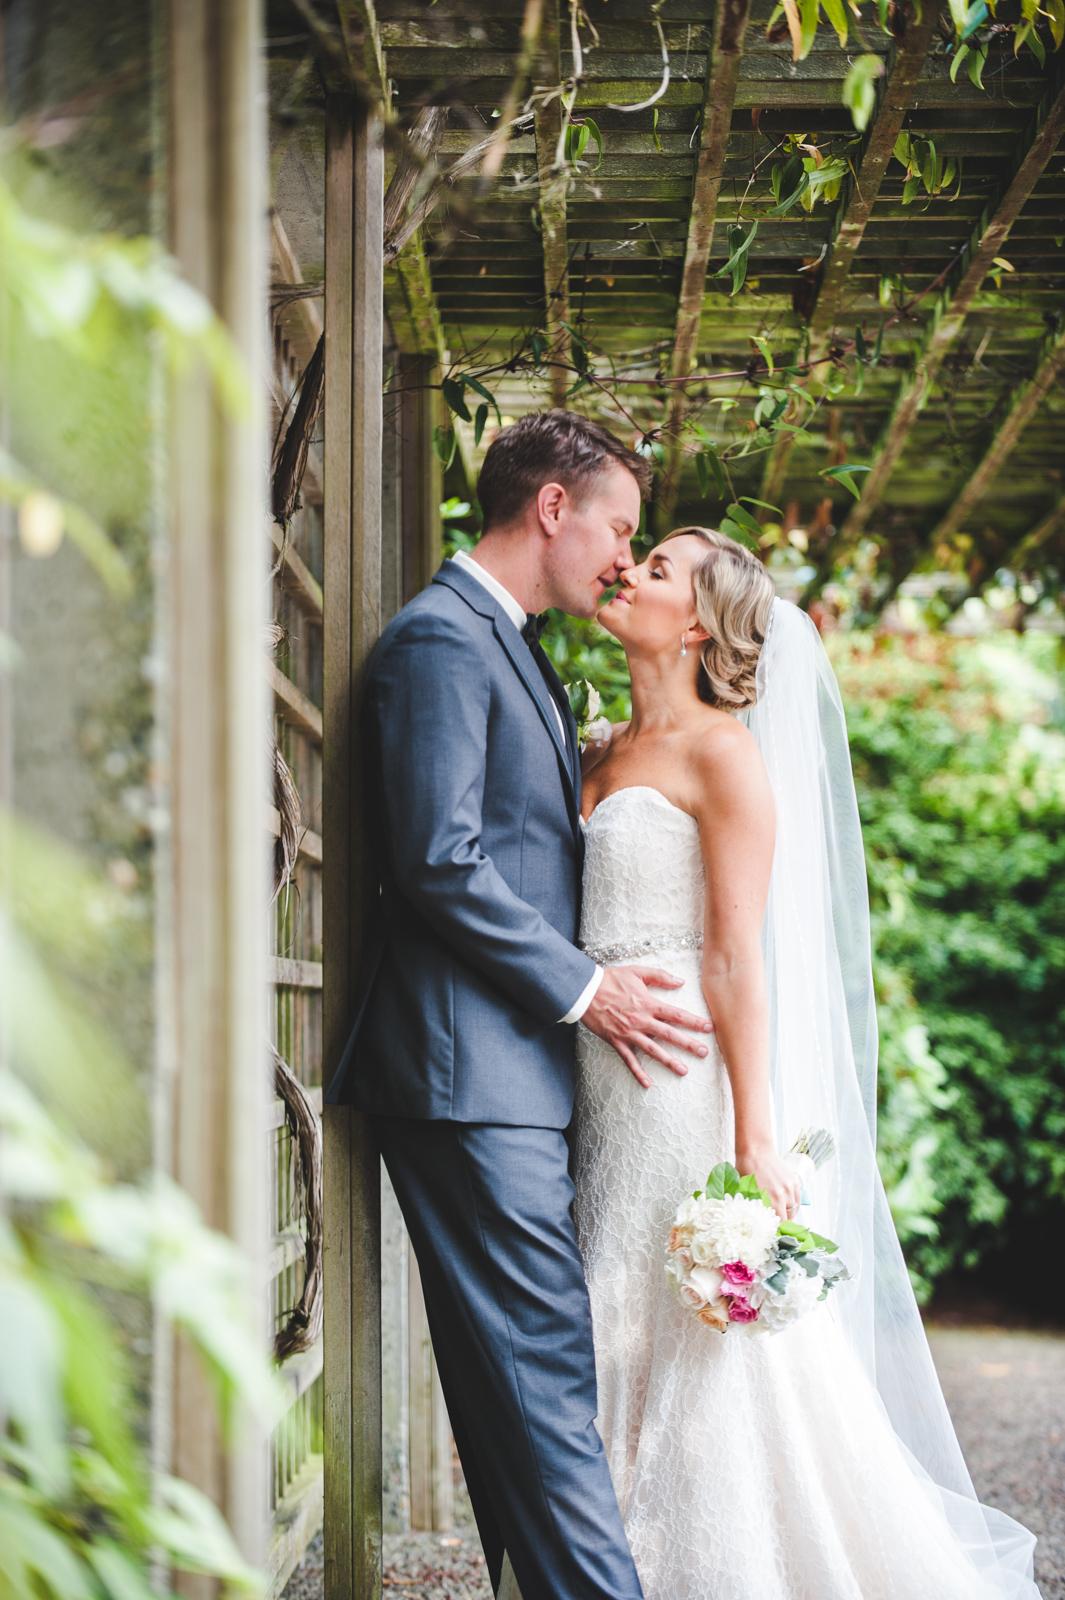 victoria-wedding-photographers-ubc-rose-garden-sage-bistro-wedding-24.jpg